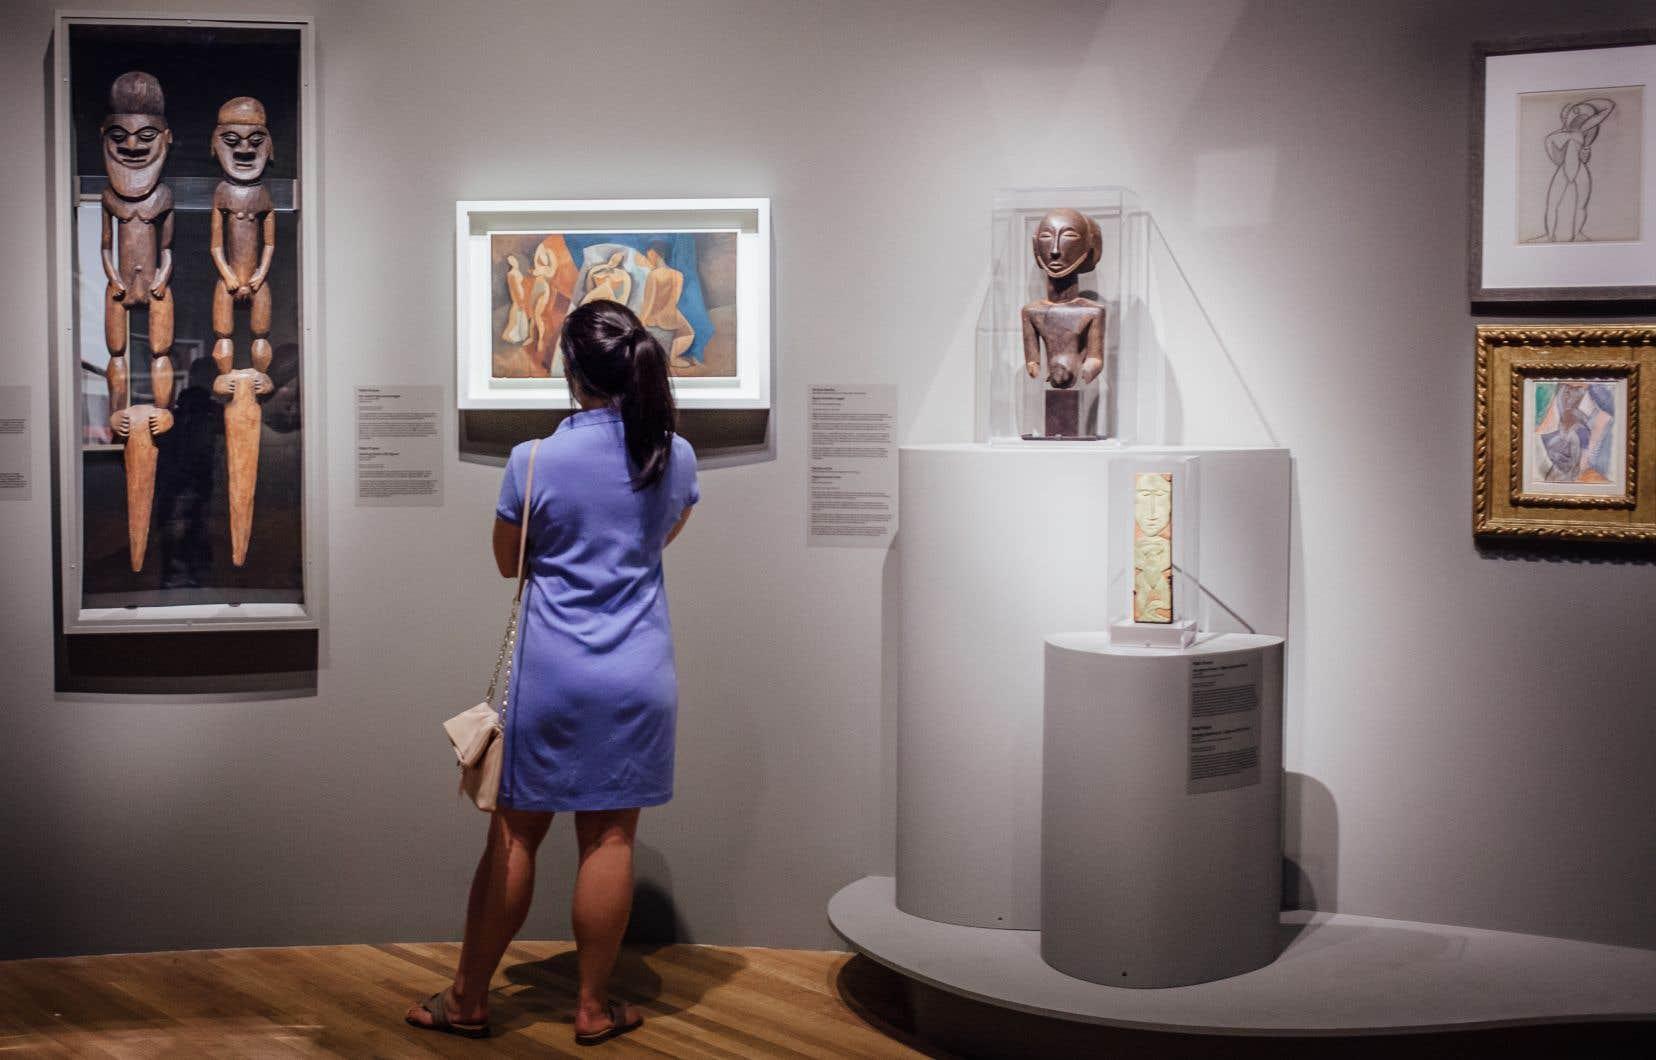 Une exposition sur Picasso est actuellement présentée au Musée des beaux-arts de Montréal.